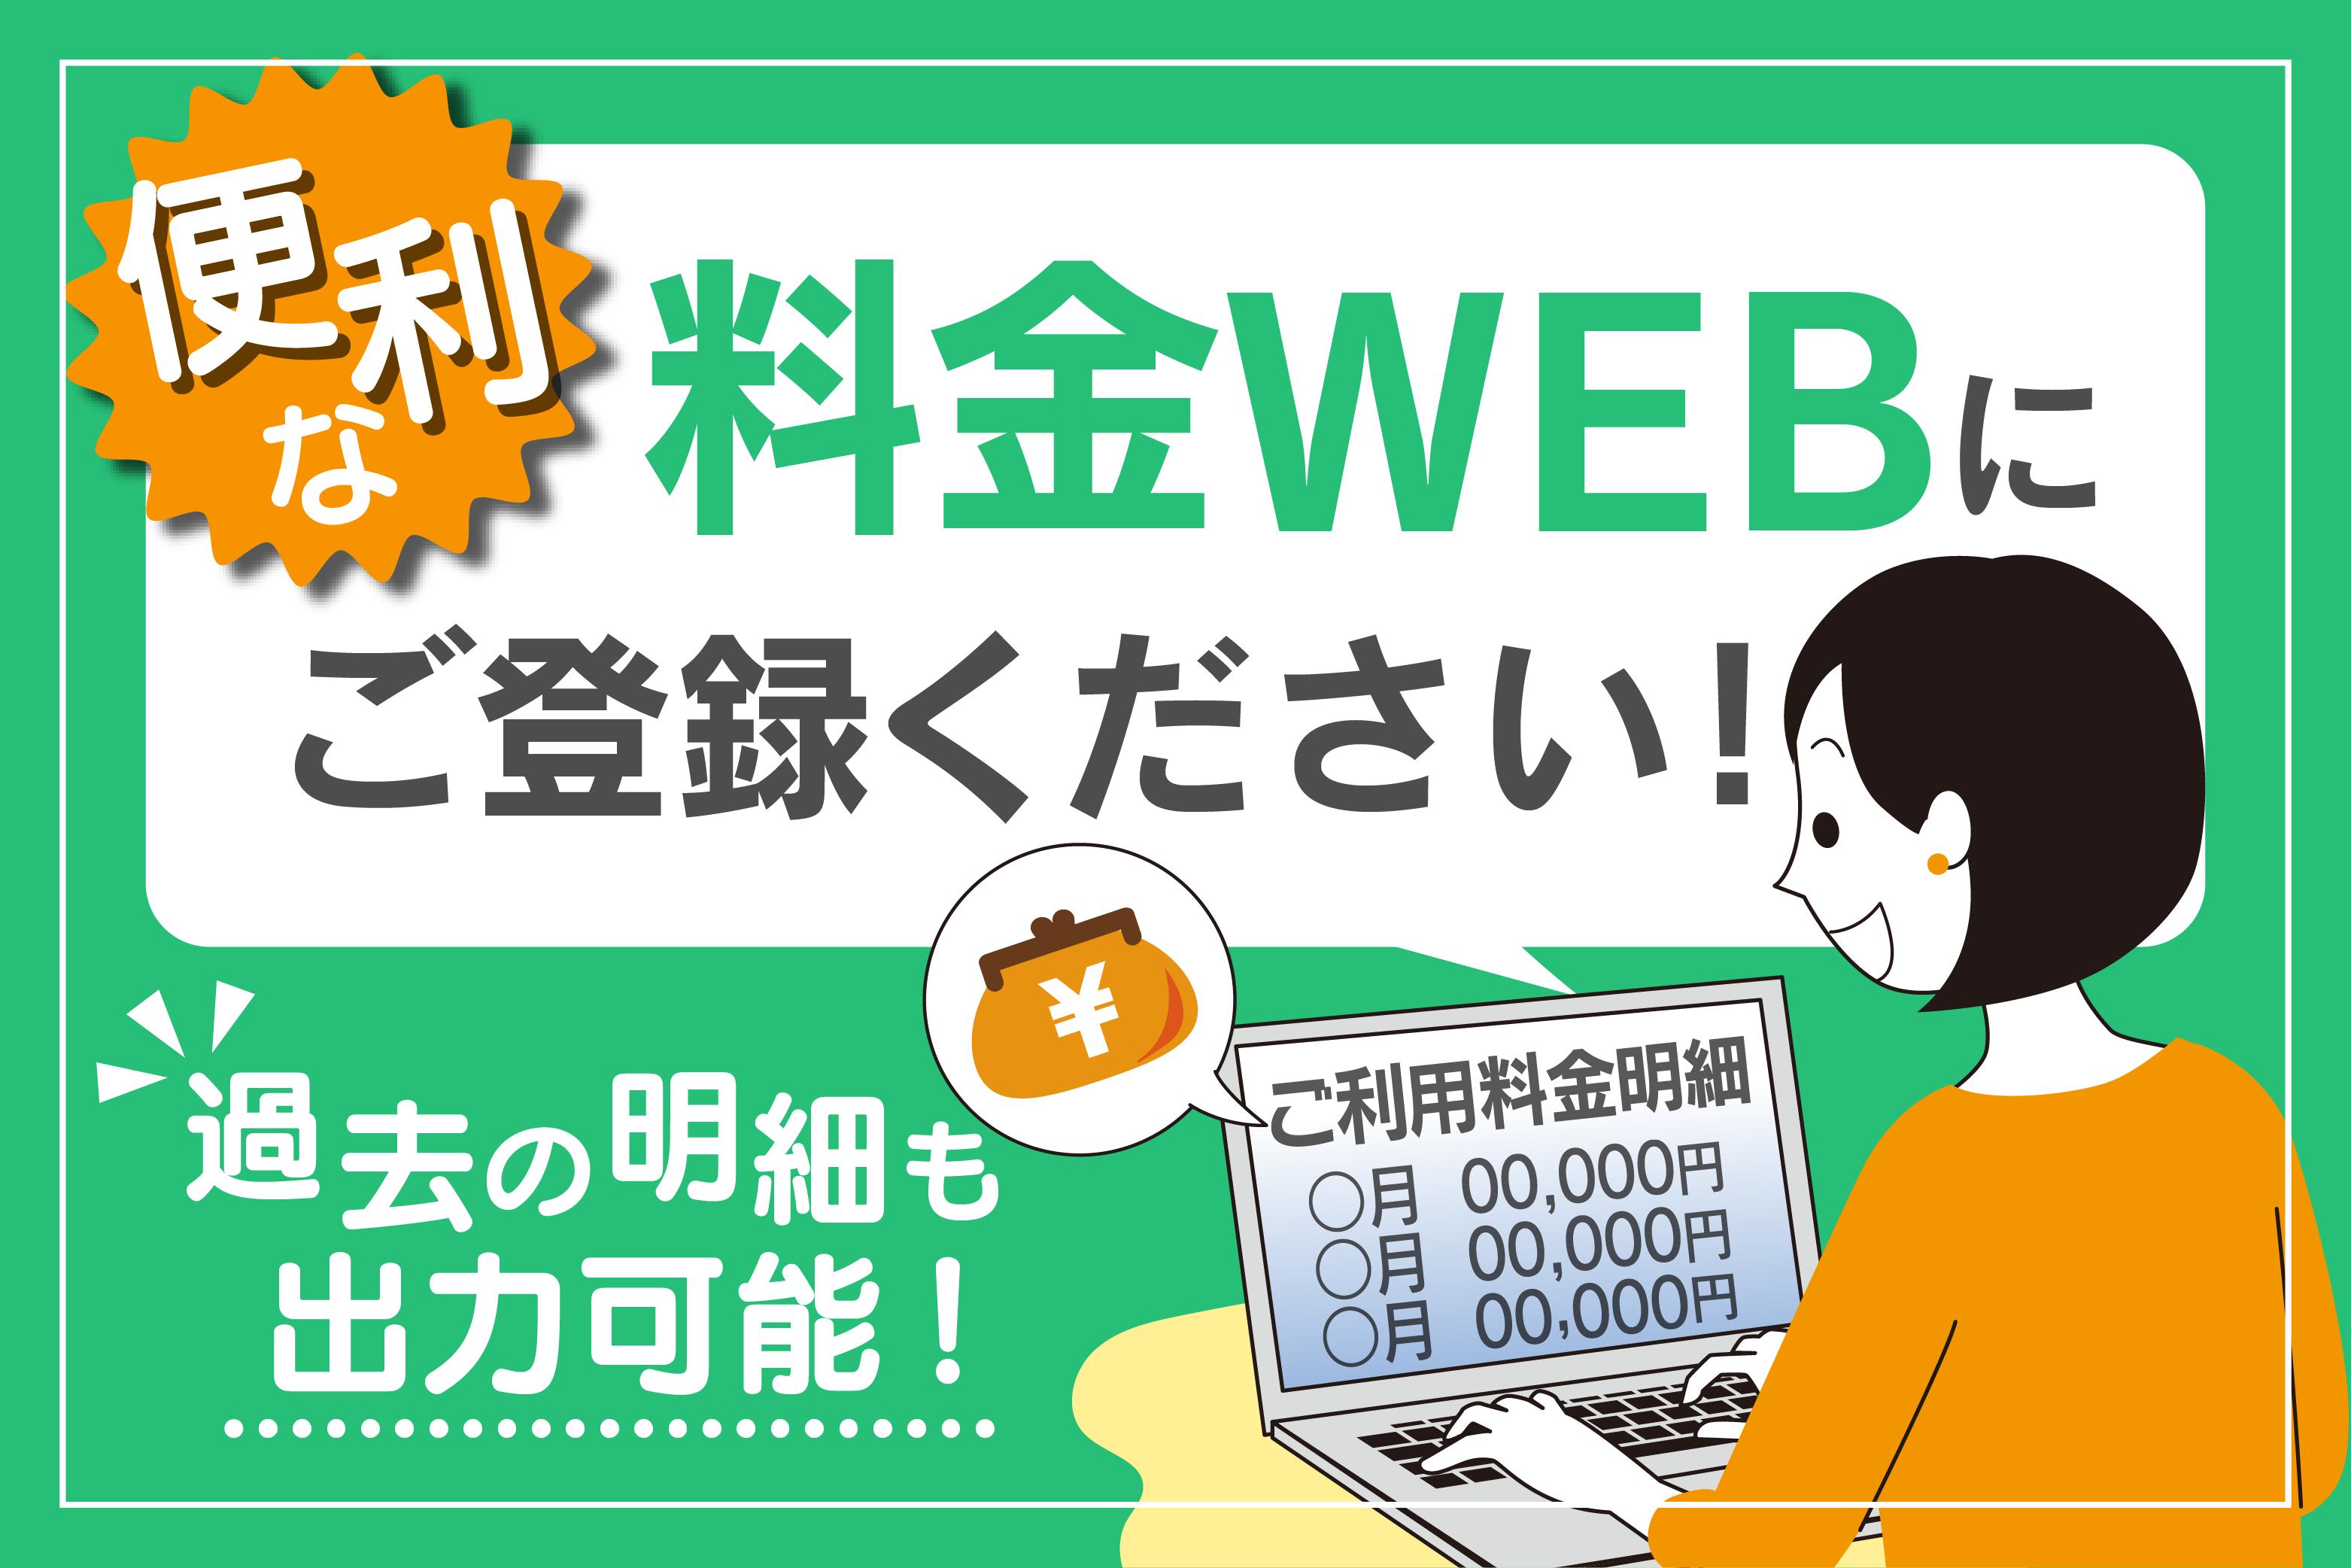 便利な料金WEBにご登録ください!